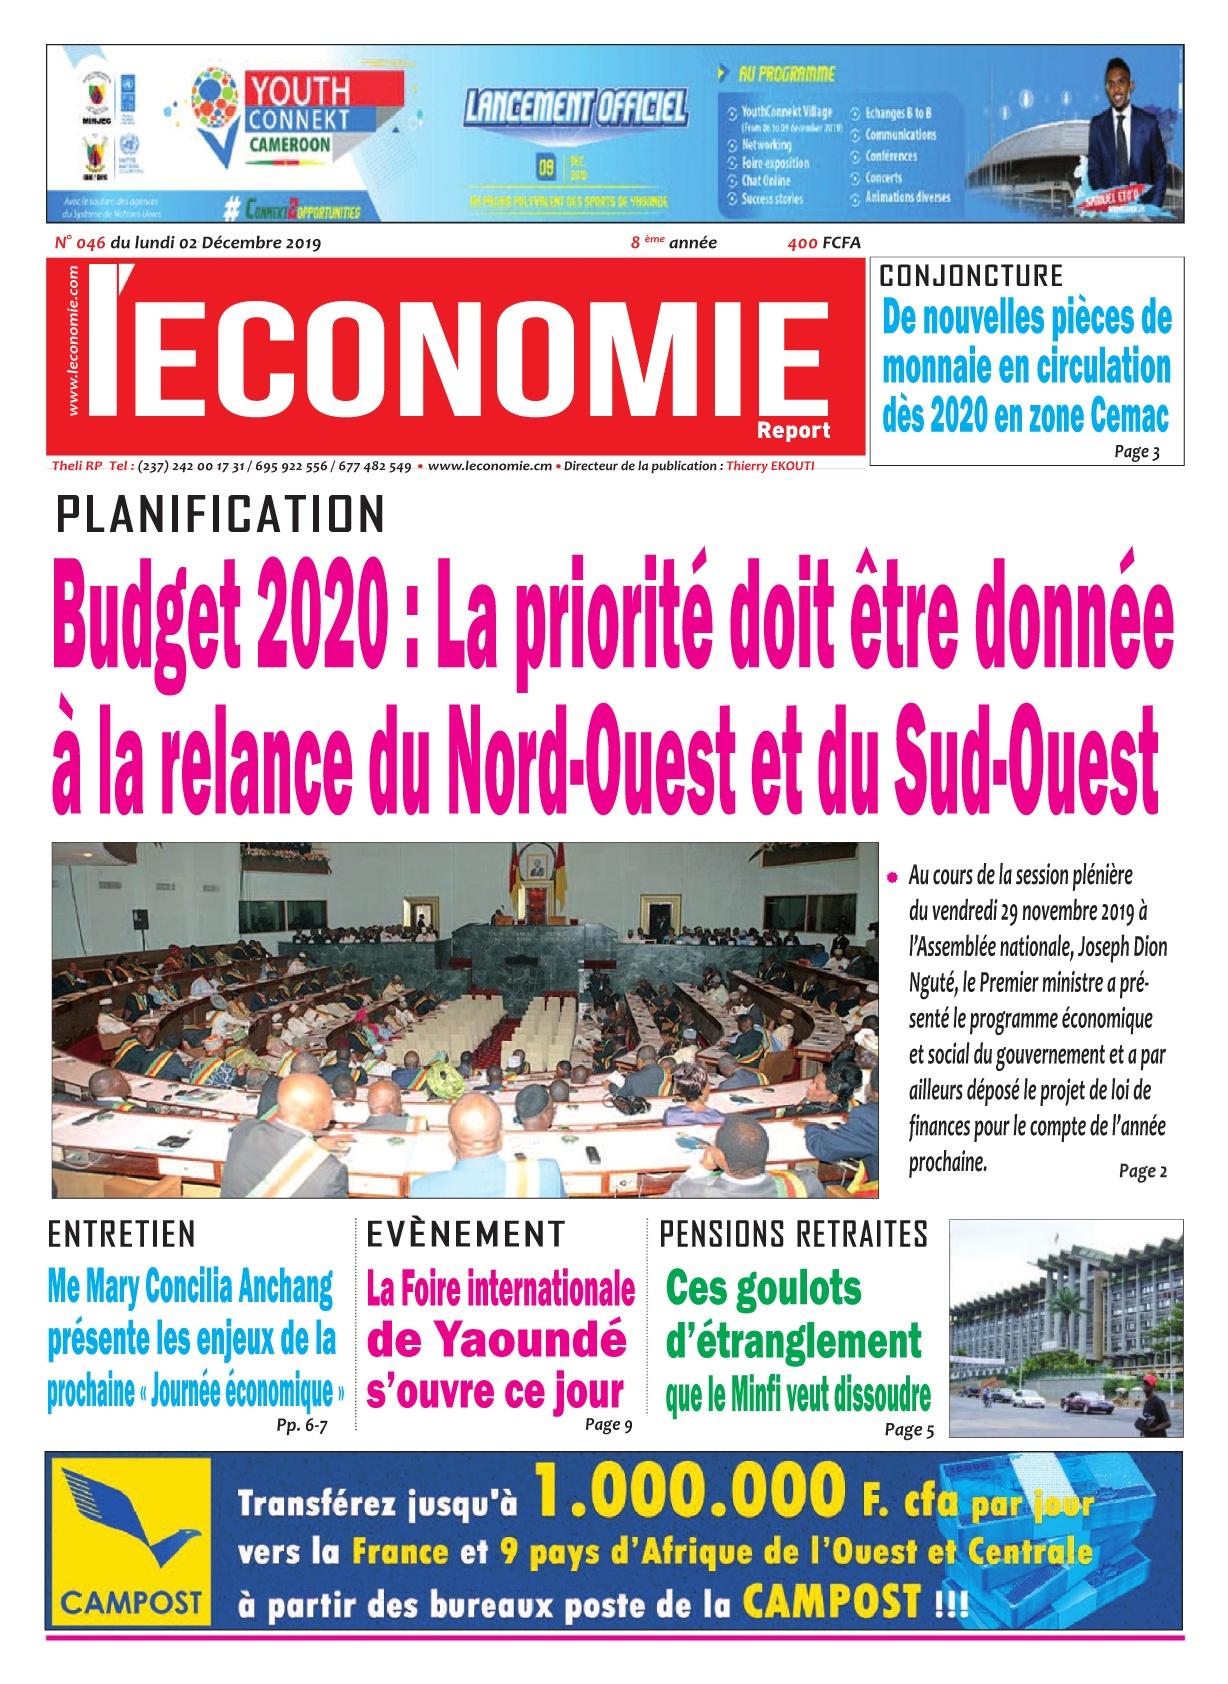 Le Quotidien de l'Economie - 02/12/2019